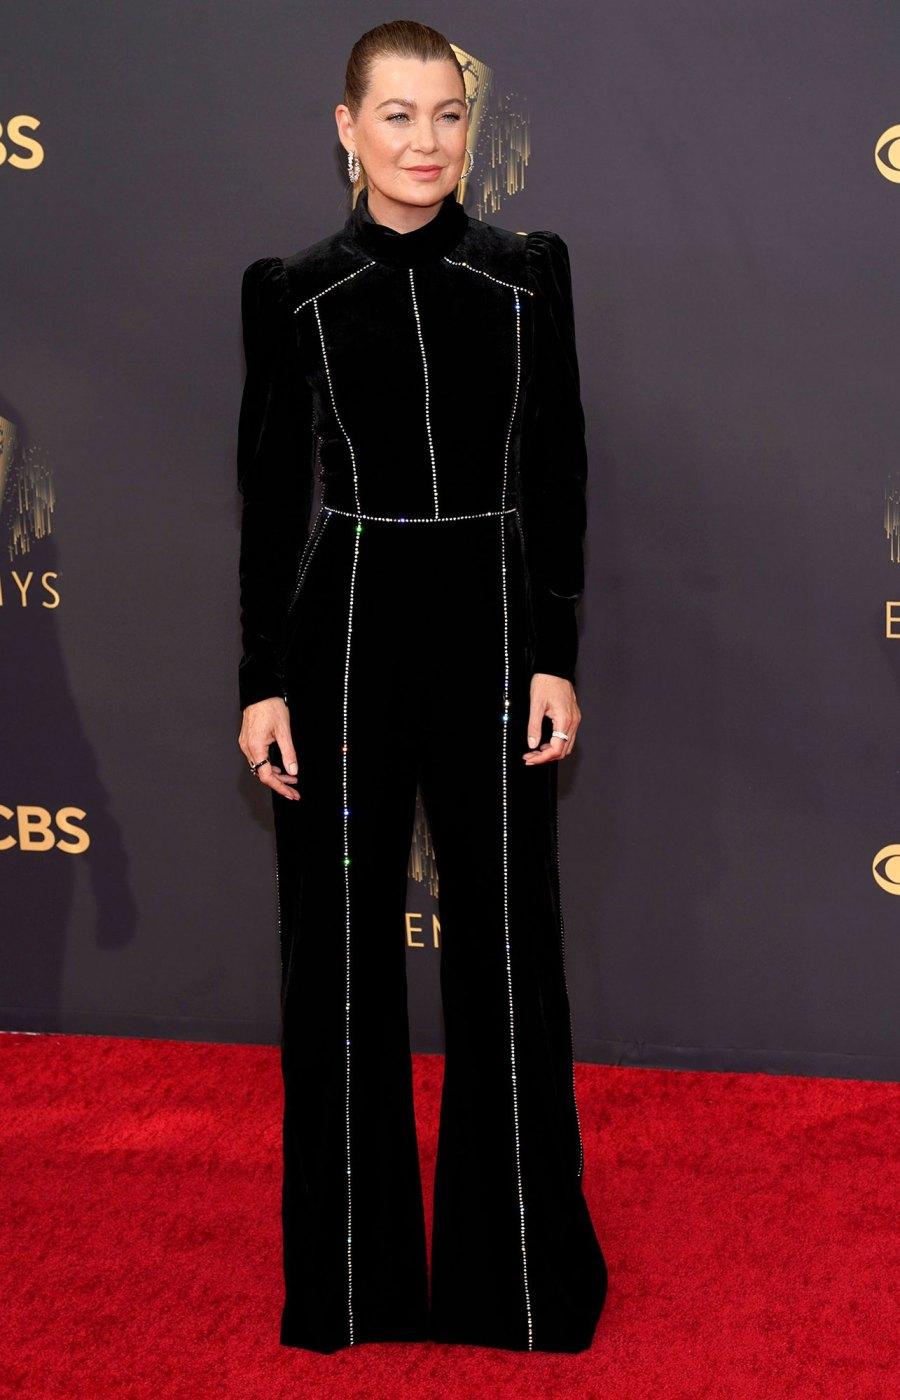 Ellen Pompeo 73rd Primetime Emmy Awards Red Carpet Arrival 2021 Emmys